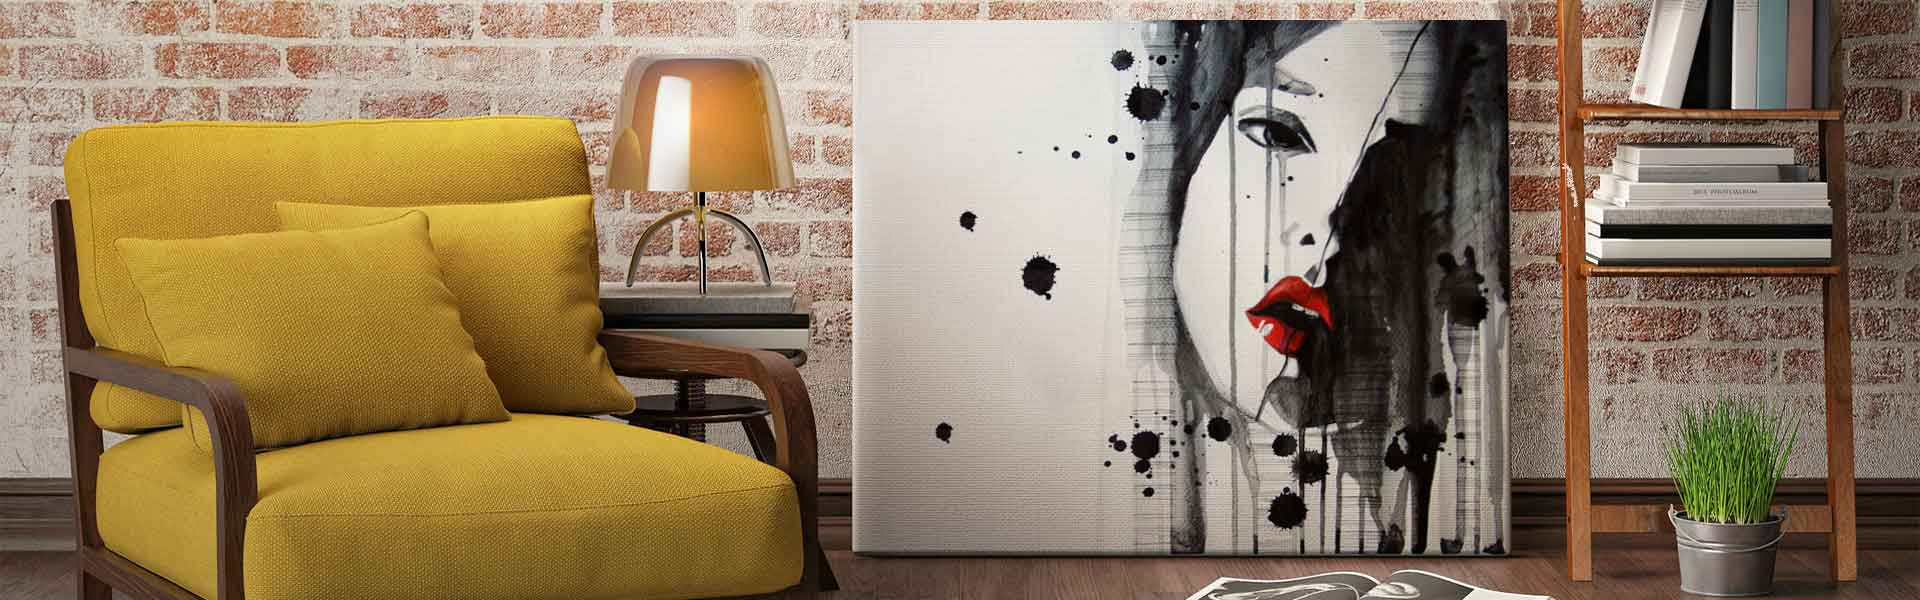 Quadricanvas la tua immagine il tuo quadro su tela - Ikea quadri su tela ...